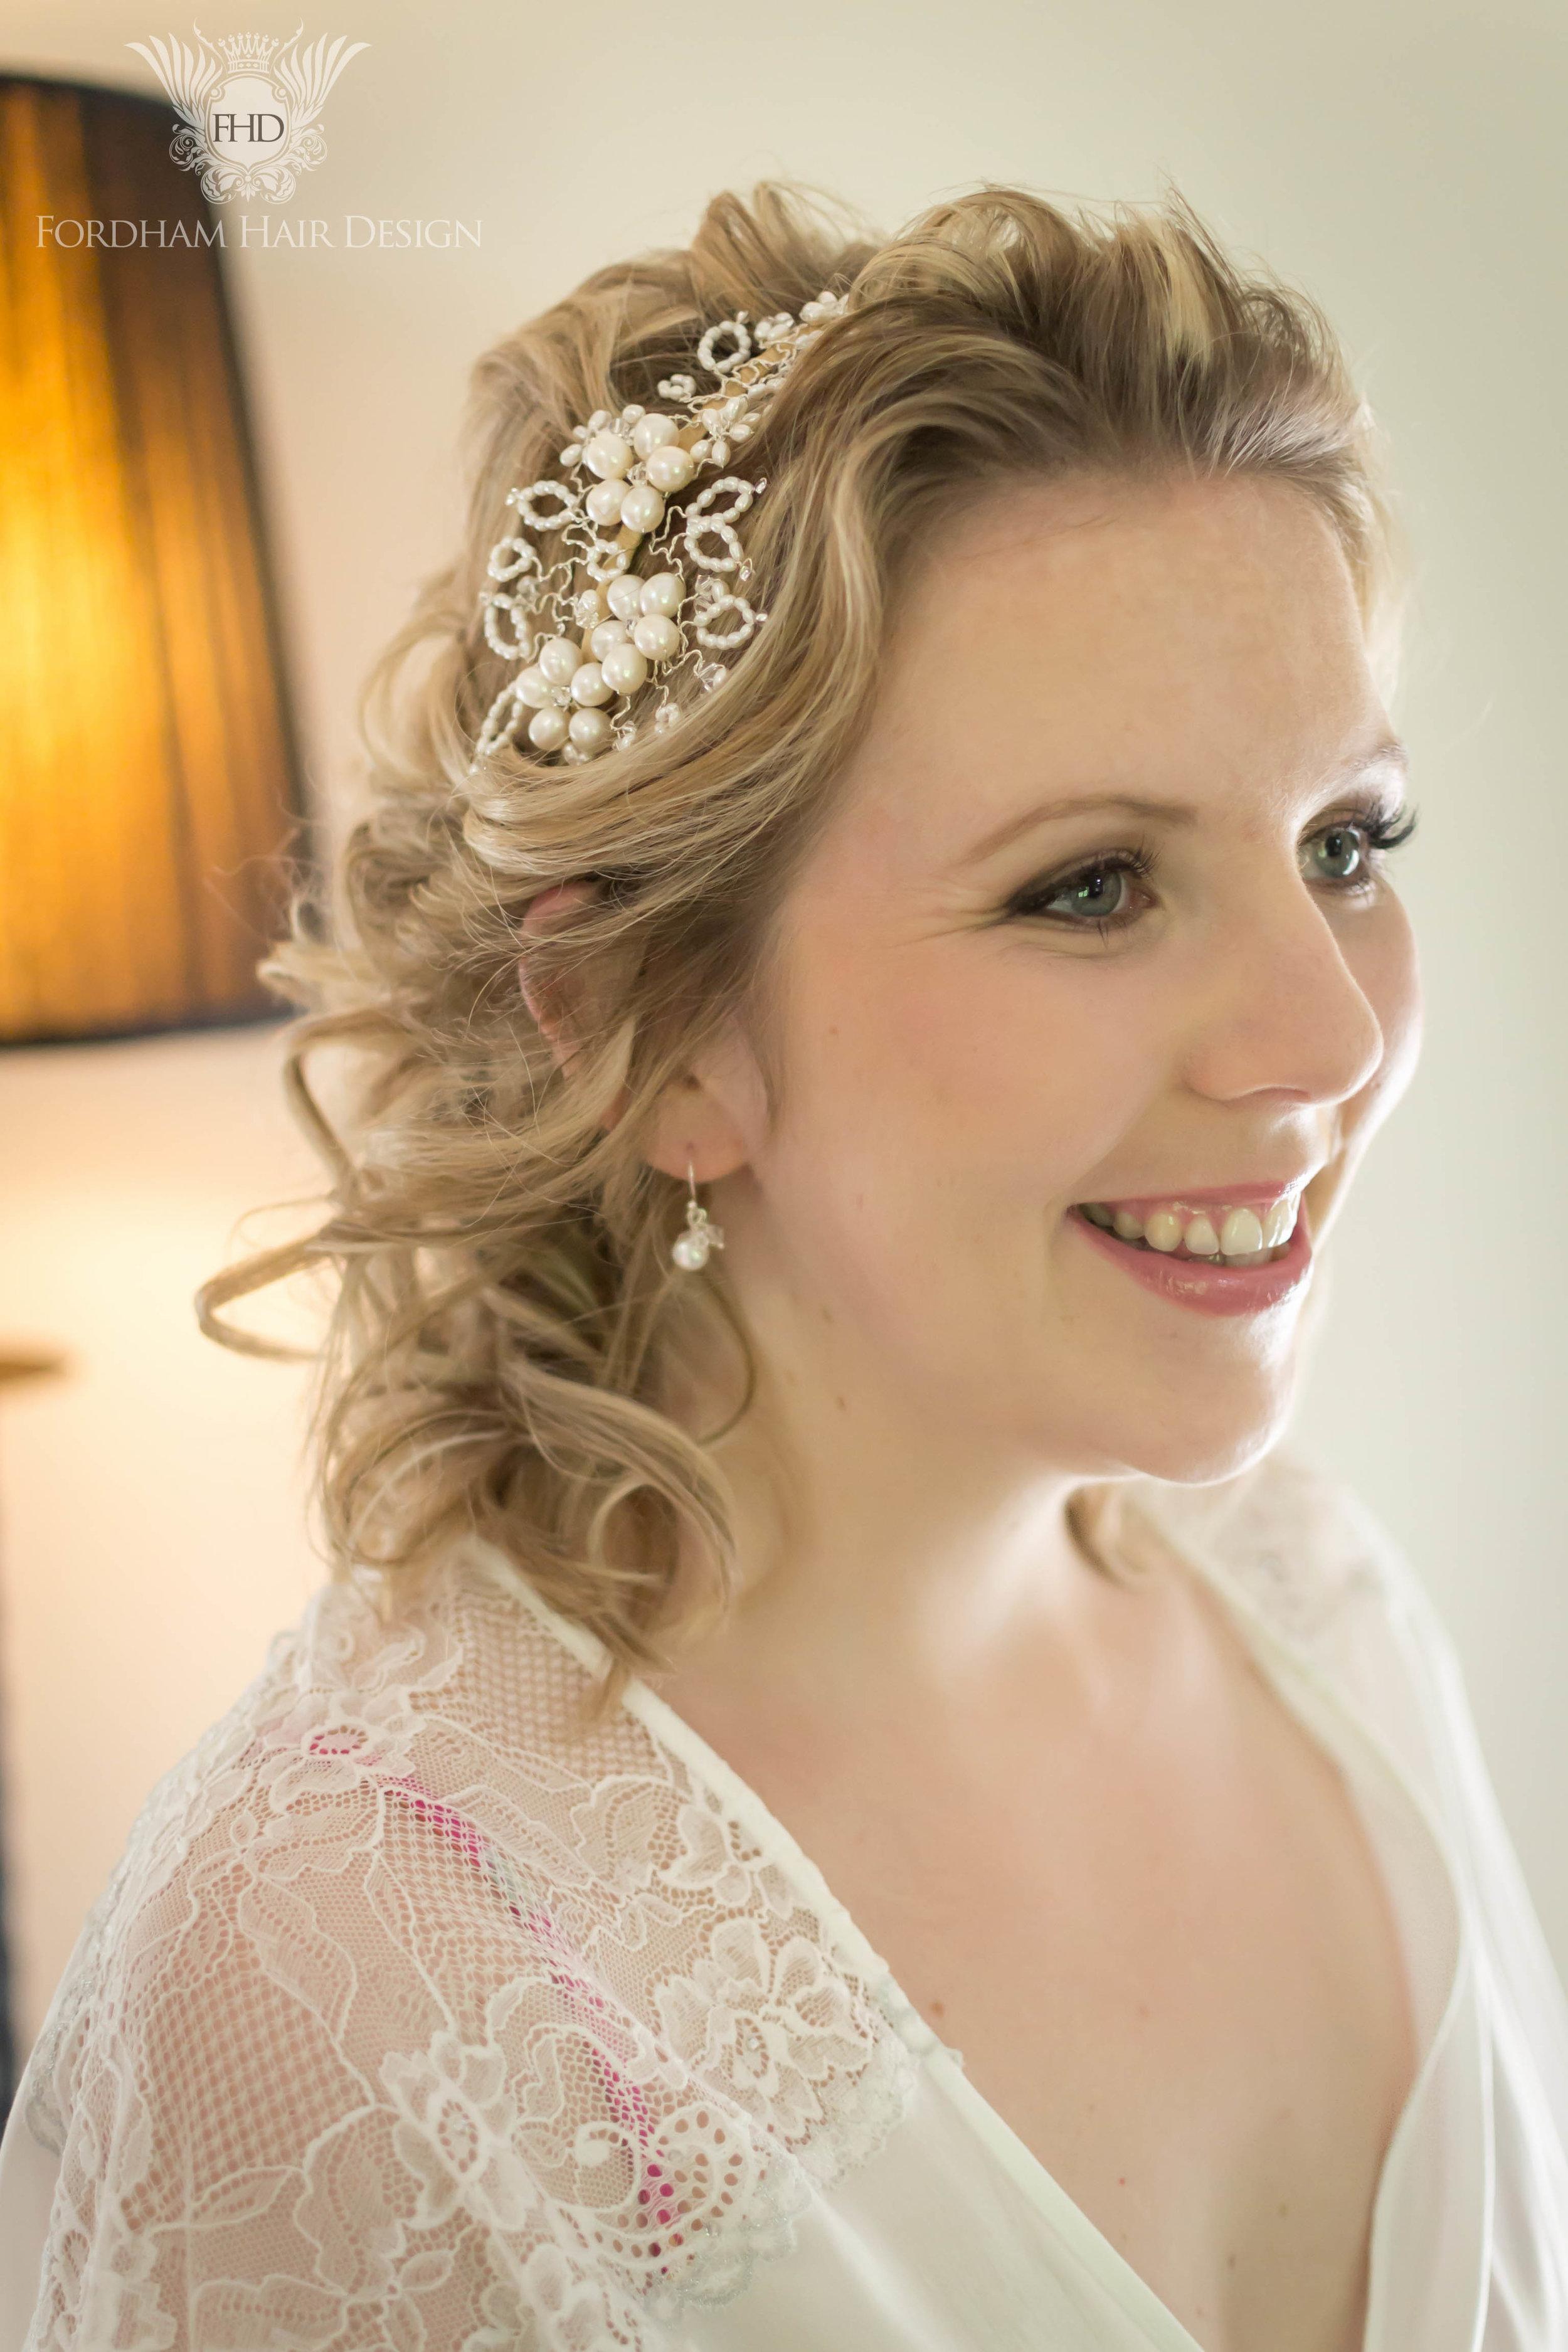 Eastington Park Wedding Hair